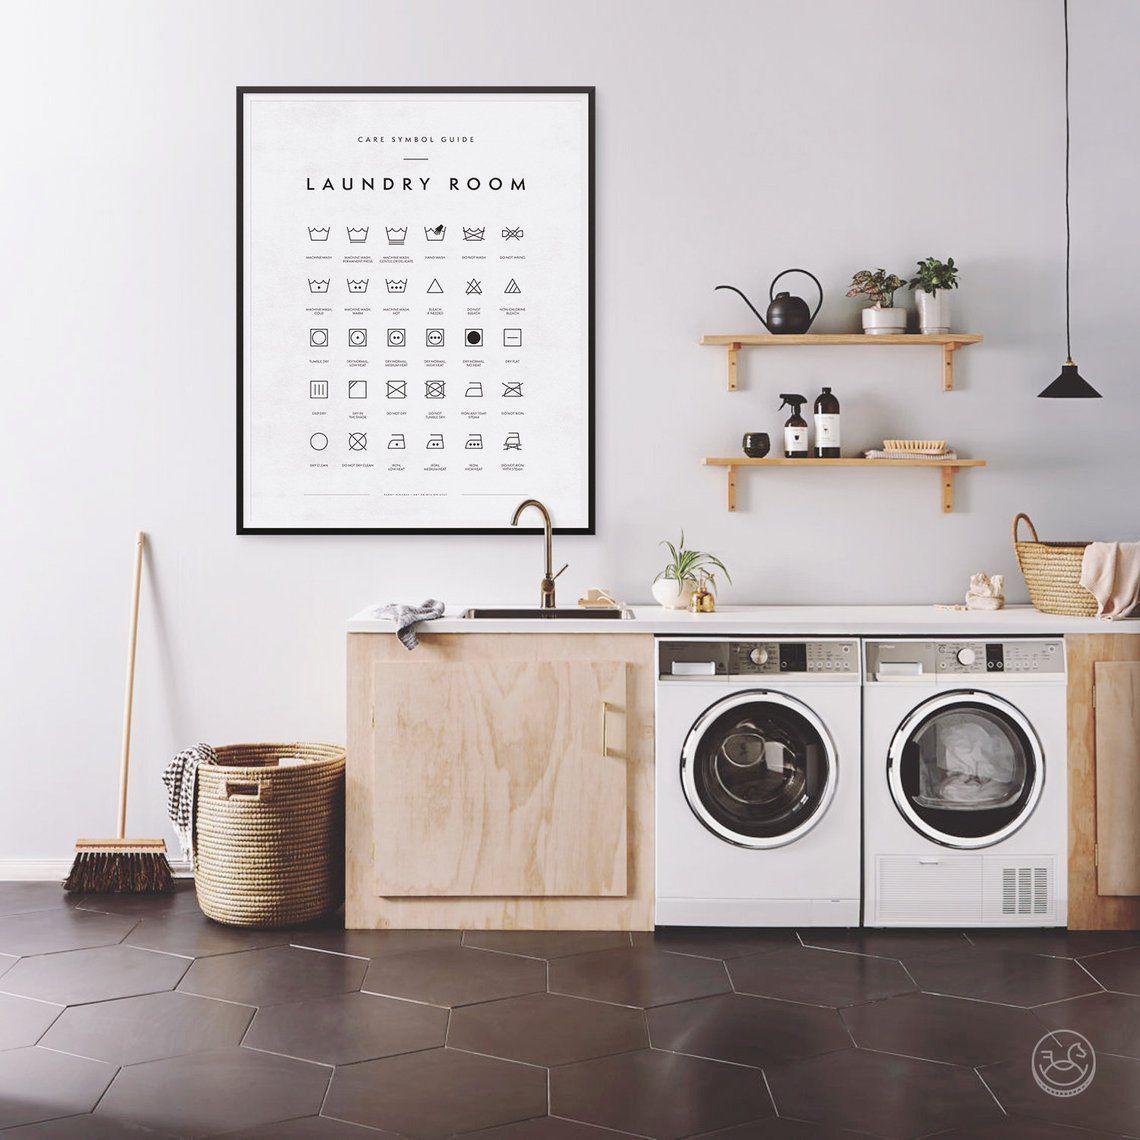 Laundry Room Symbols Print Printable Art Laundry Wall Decor Etsy Laundry Room Art Modern Laundry Rooms Laundry Art